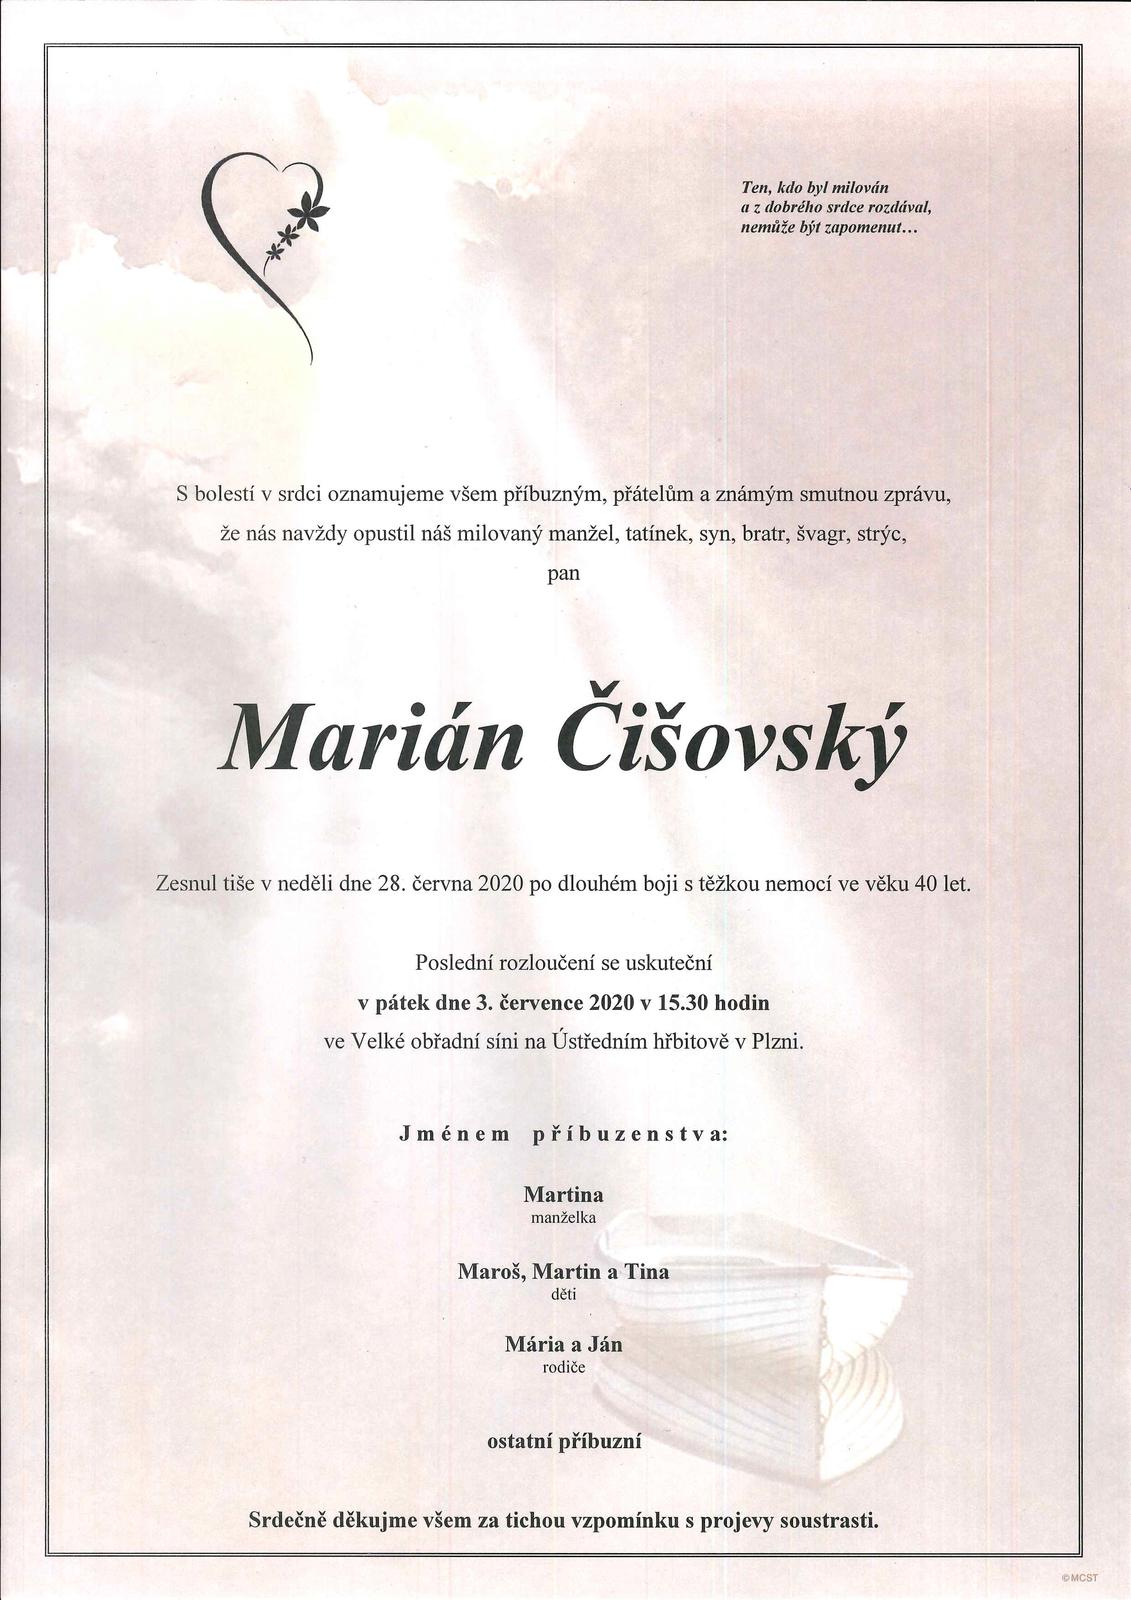 Pohřeb Mariána Čišovského proběhne ve Velké obřadní síni na Ústředním hřbitově v Plzni